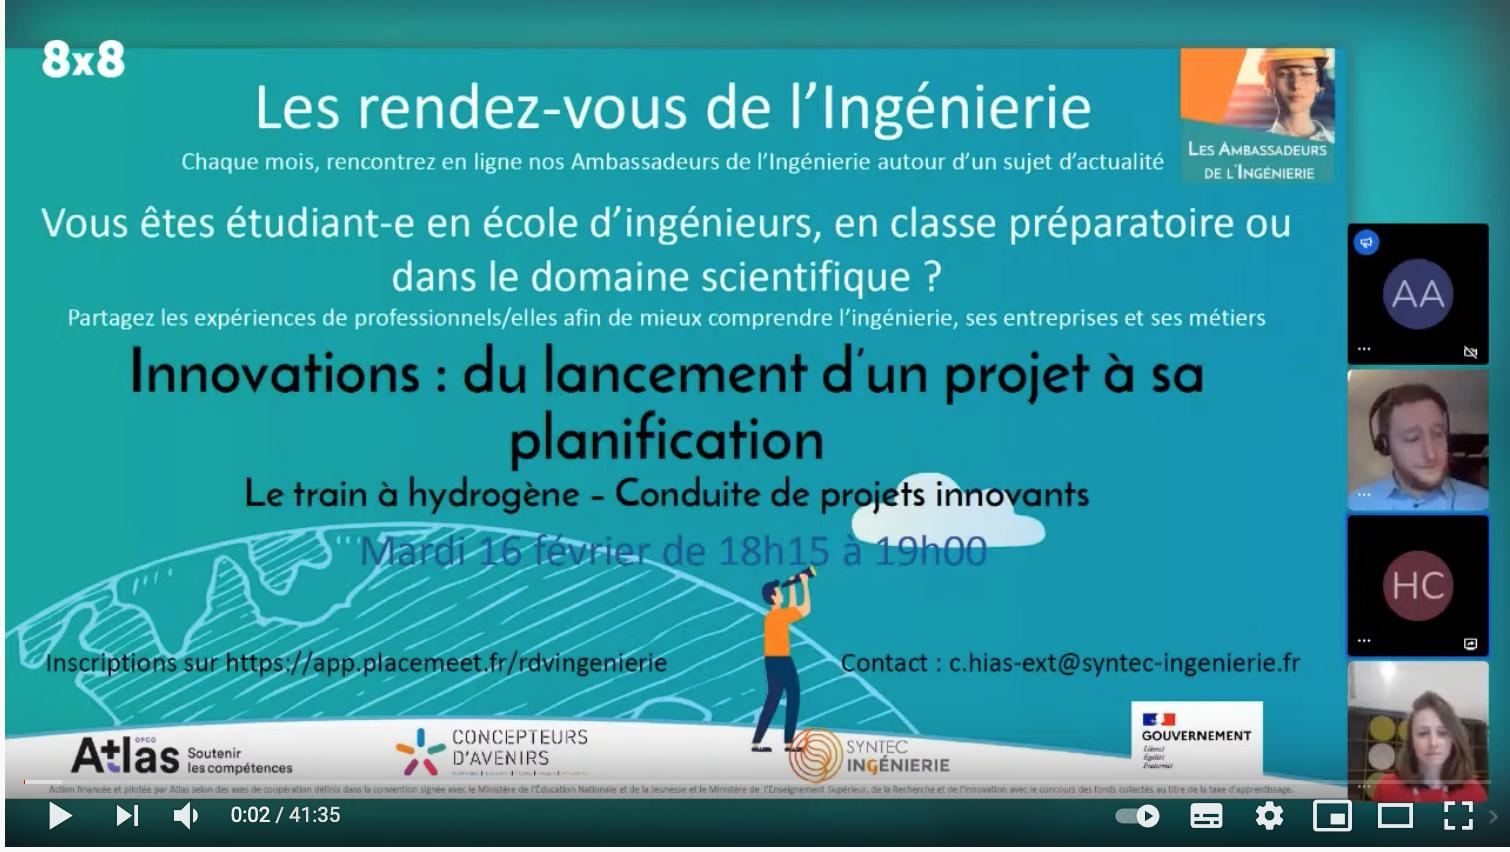 Innovations : du lancement d'un projet à sa planification